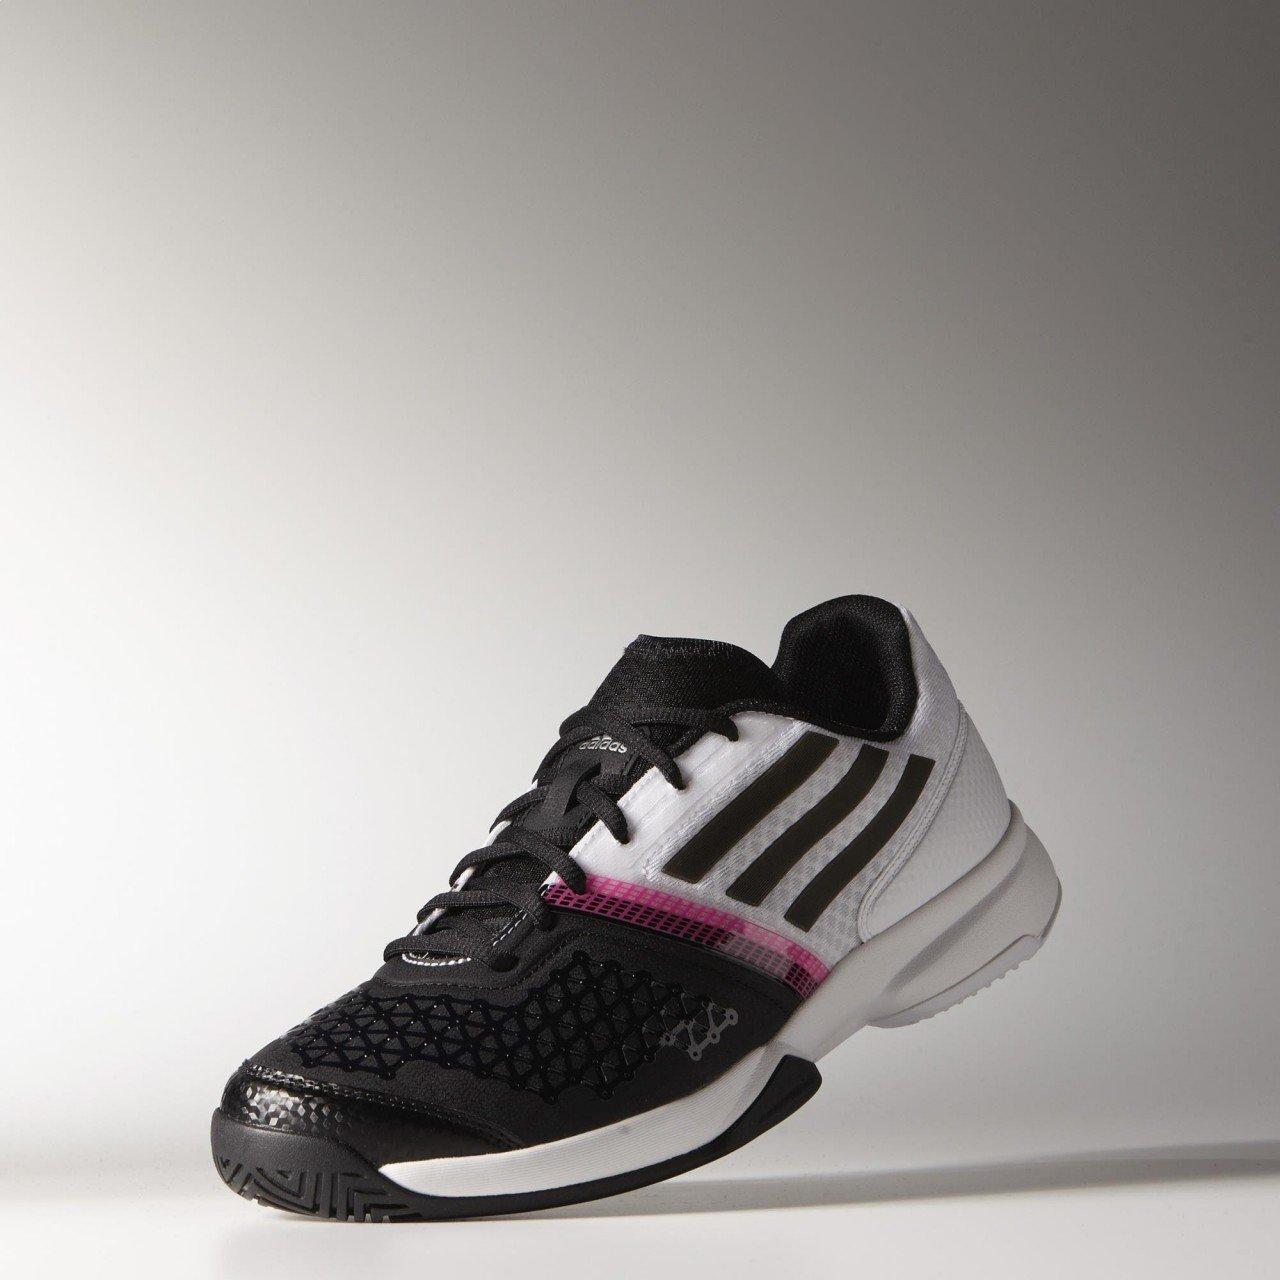 online store 84d1f 067cd adidas Ace III B40855, Turnschuhe - EU 44 Amazon.de Schuhe  Handtaschen